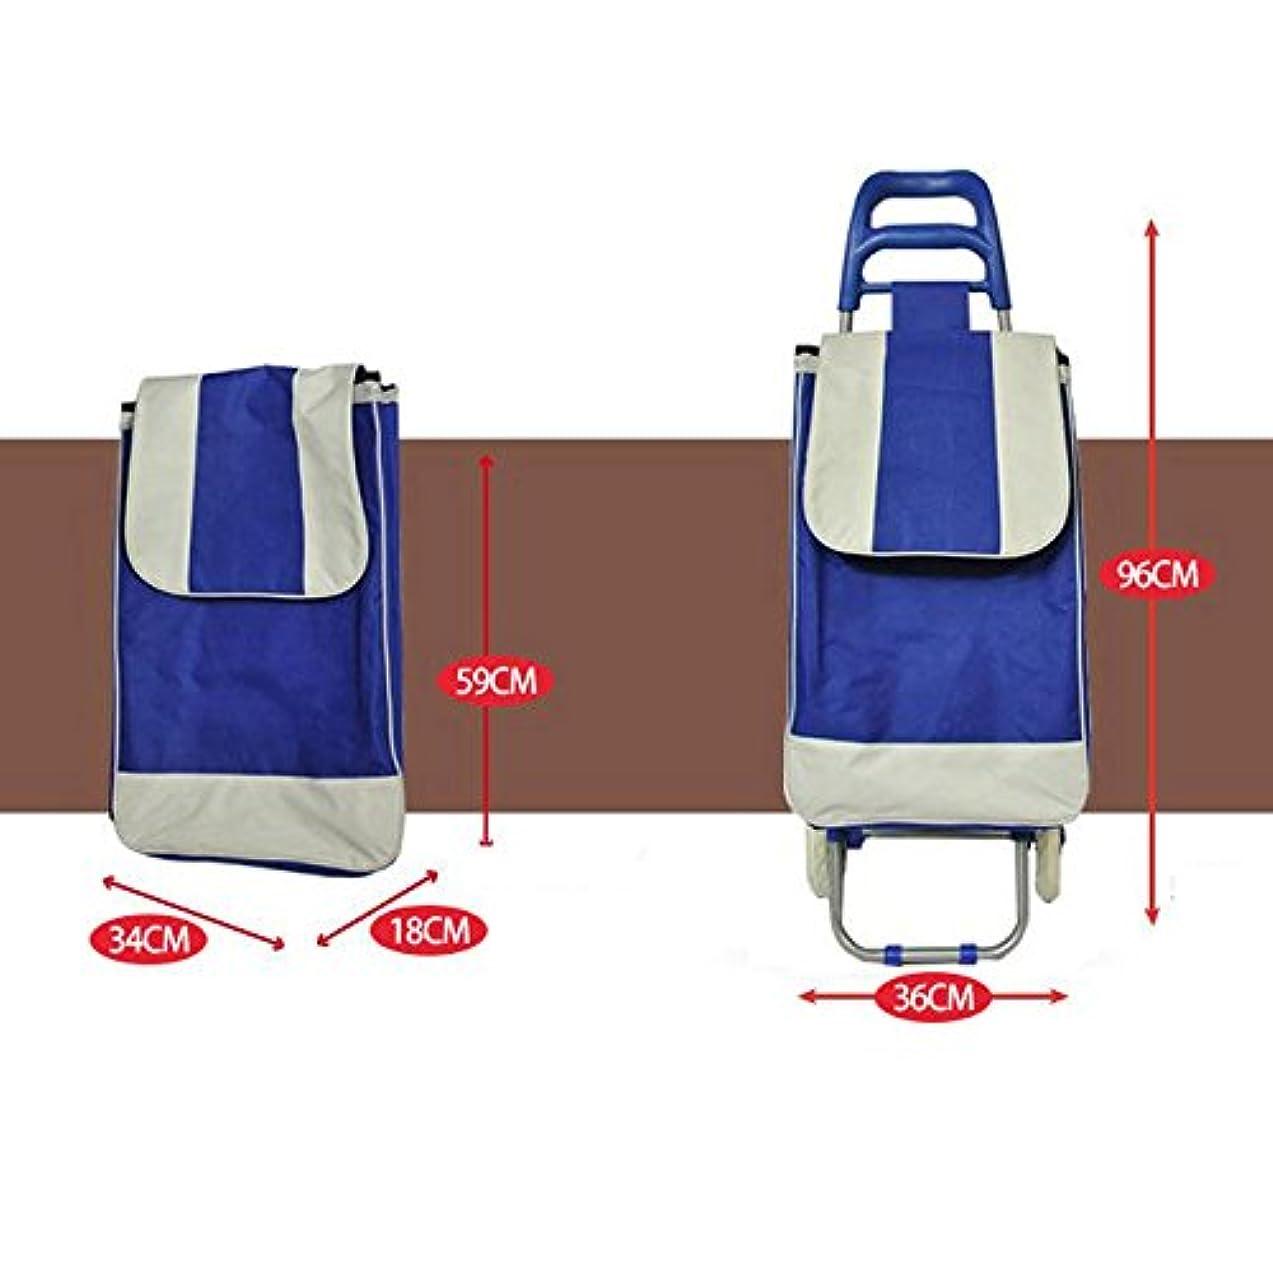 落花生感謝祭確保するJTWJ ポータブルファブリックショッピングカートショッピングカート階段を登るFoldable 2ラウンドブルーレッド96 * 36 * 20cm (色 : 赤)